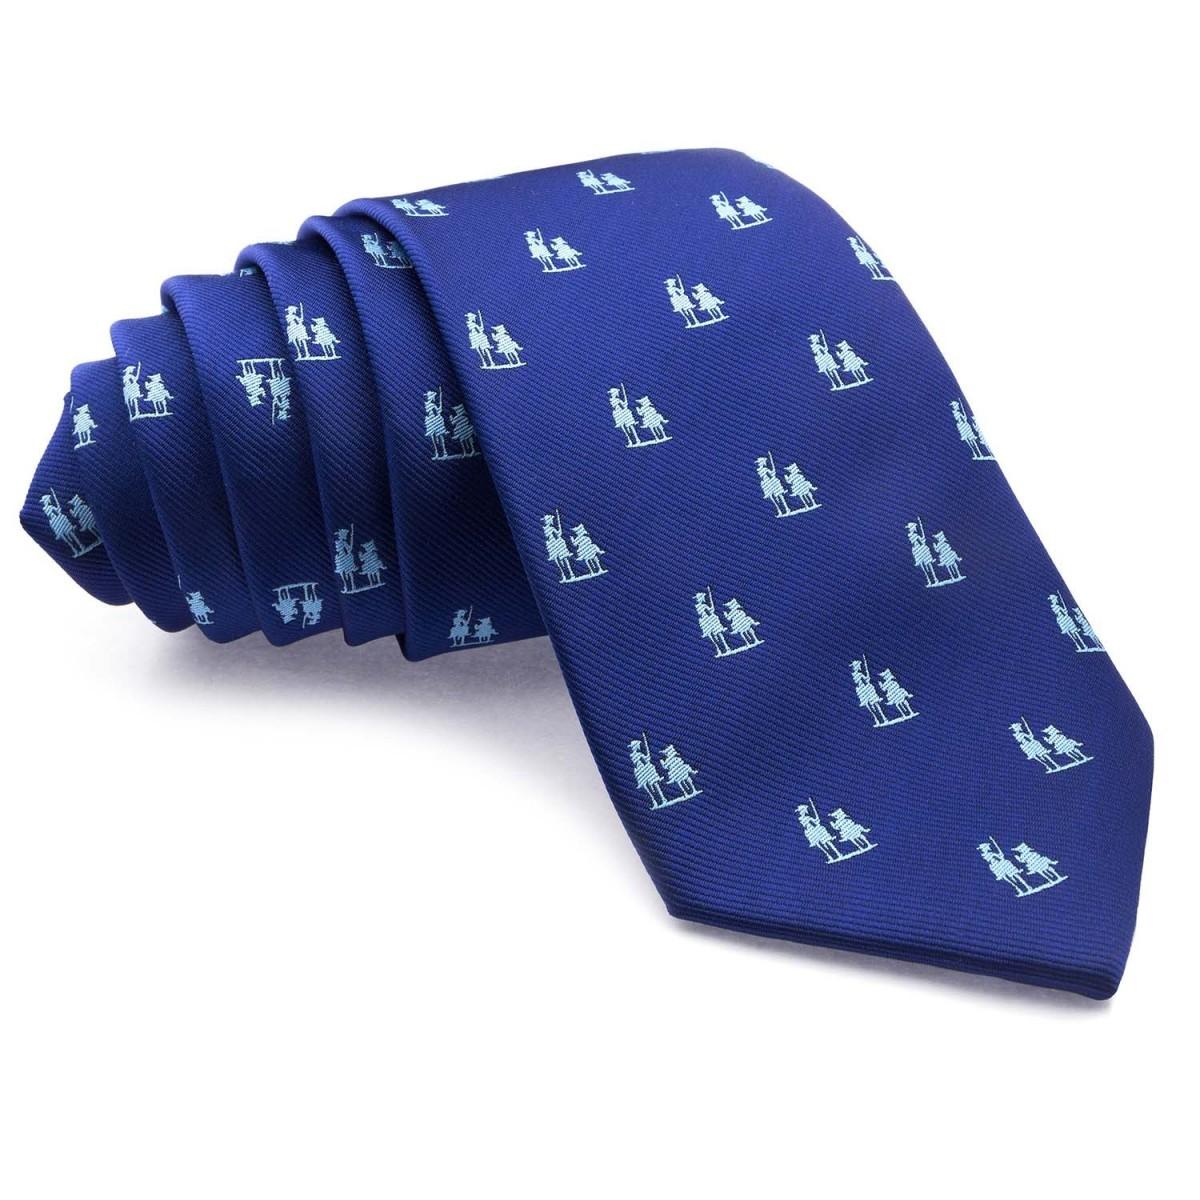 Corbata-Azul-con-dibujos-del-Quijote-en-Celeste